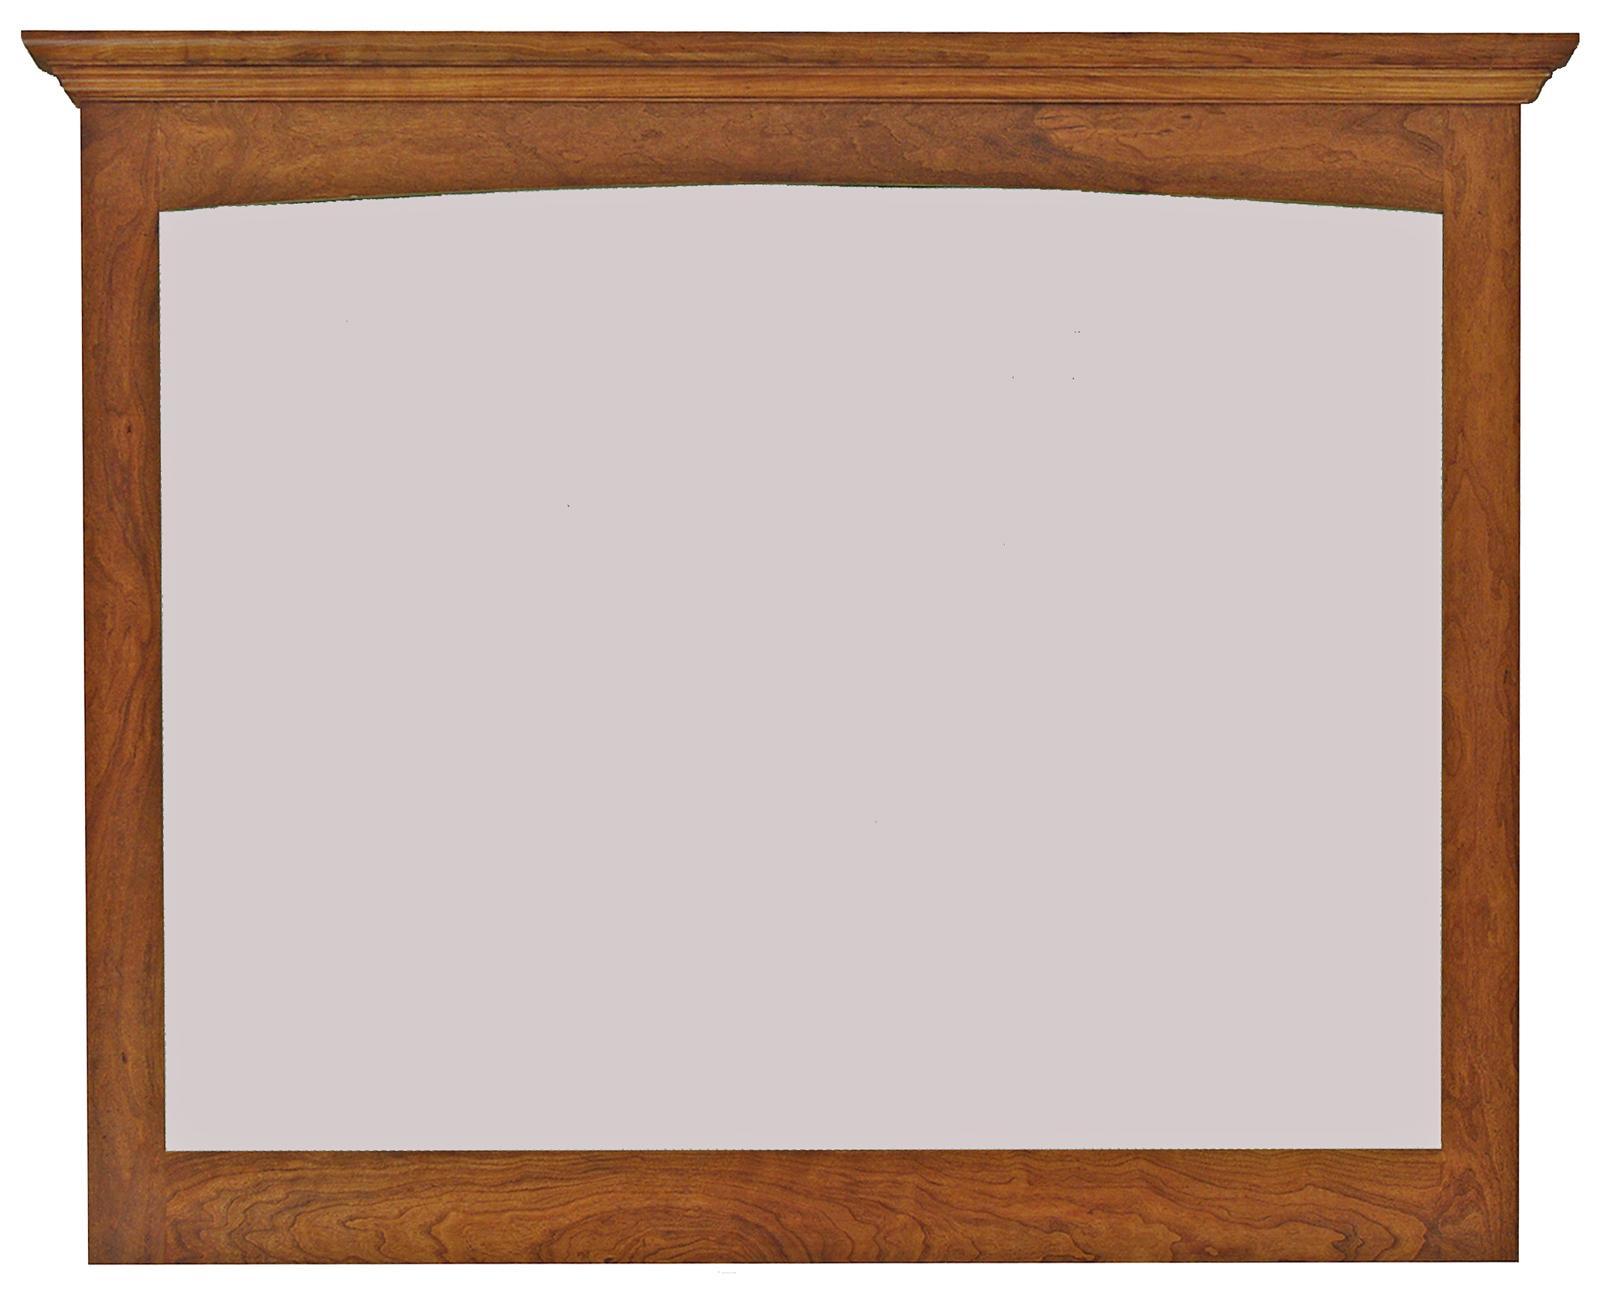 Greenbrier Bedroom Sabin Landscape Mirror - Item Number: 82875